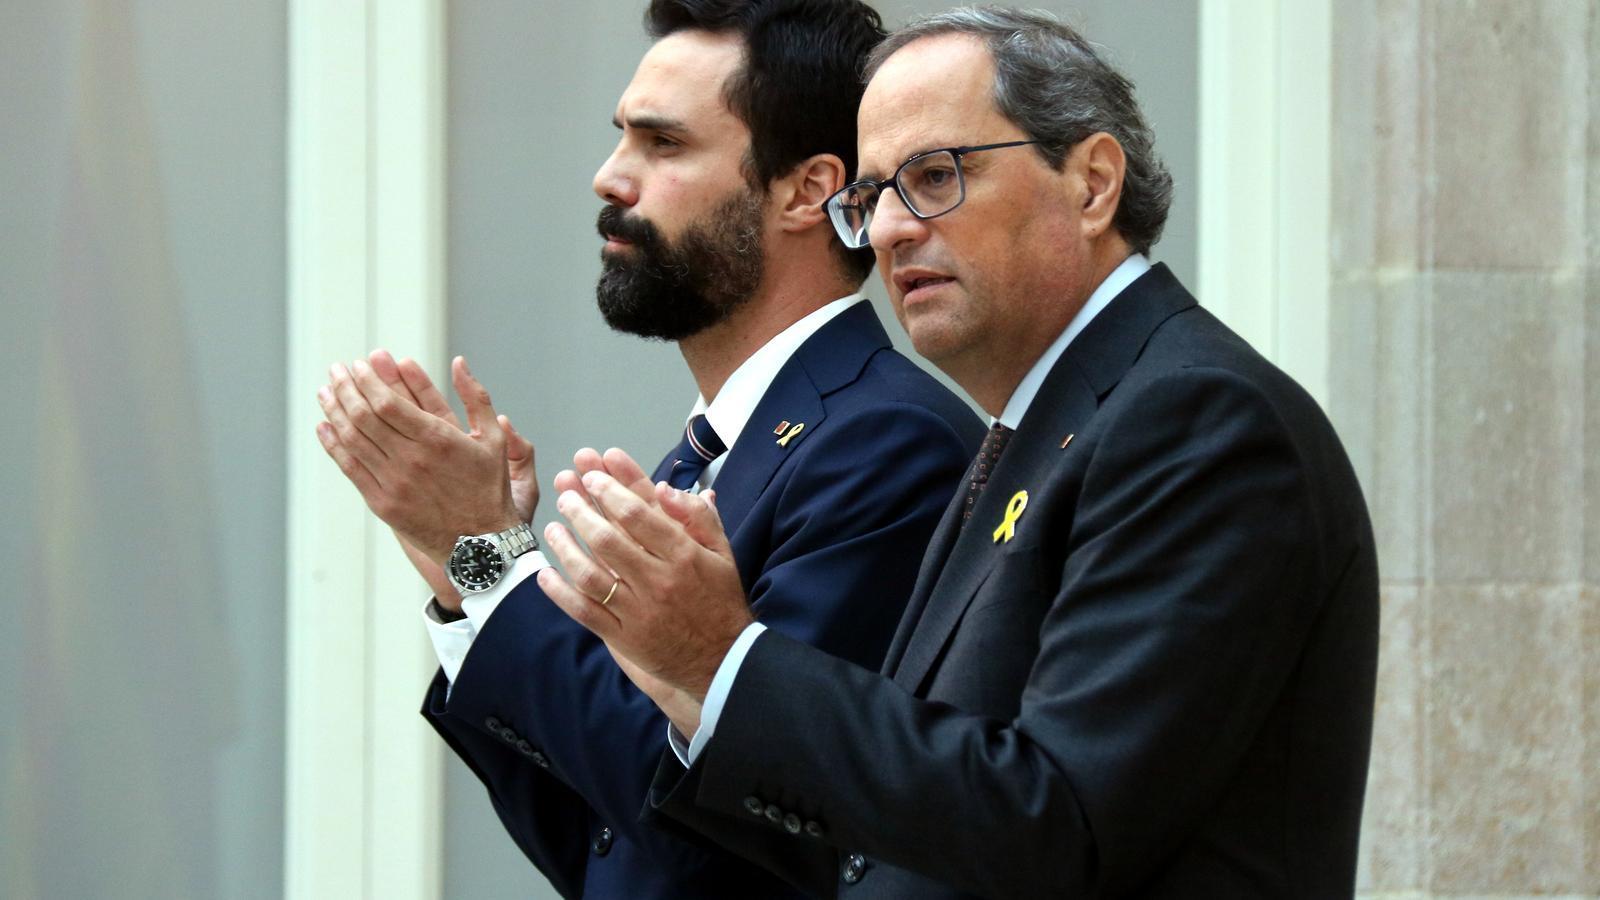 El president de la Generalitat, Quim Torra, i el president del Parlament, Roger Torrent, en la seva compareixença al Parlament